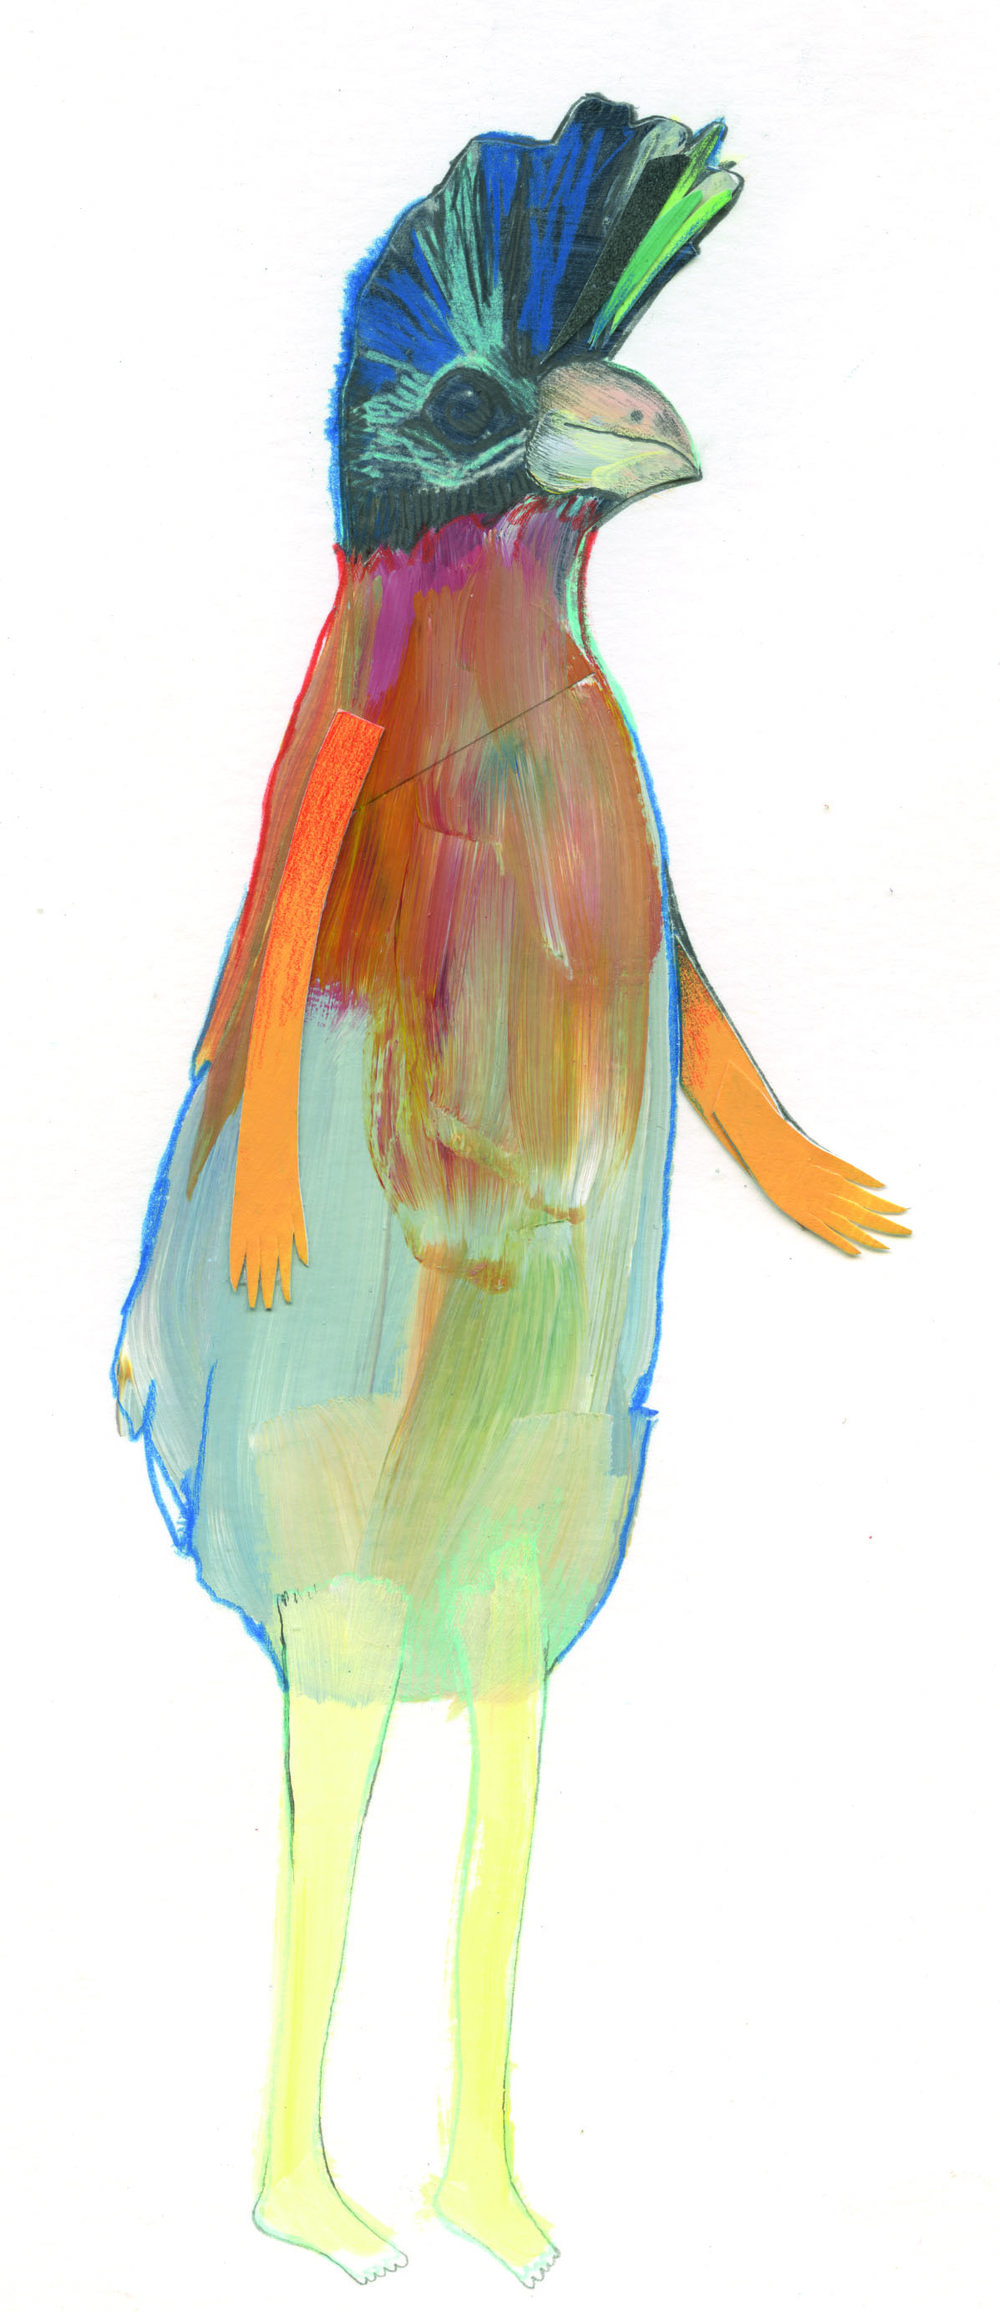 vogelbeest002.jpg